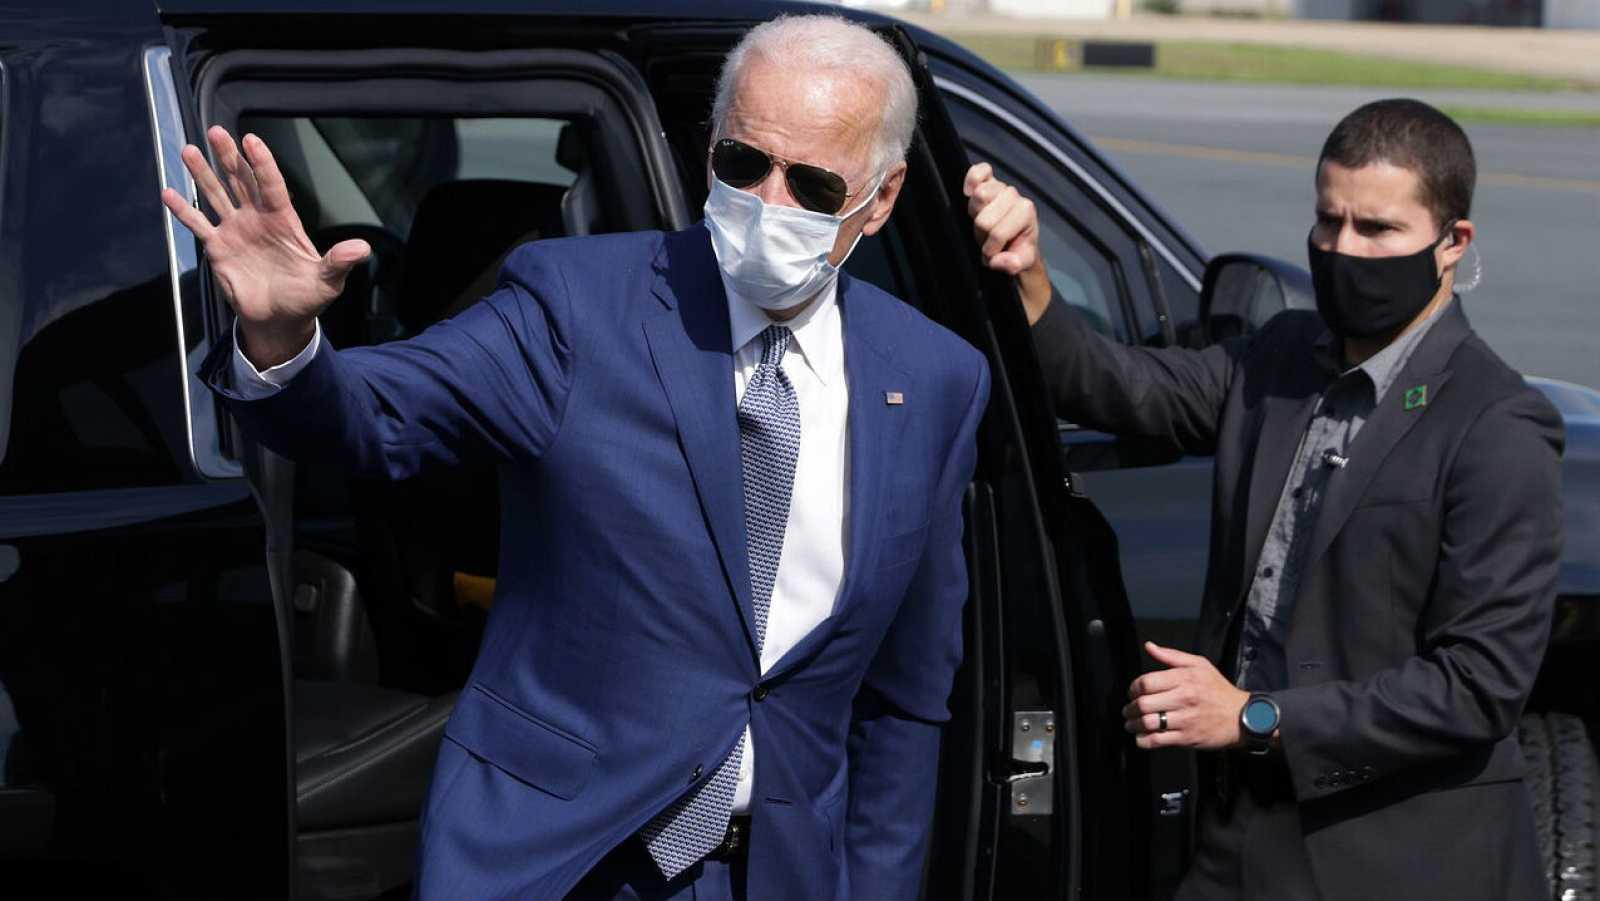 El candidato demócrata a la presidencia de los Estados Unidos, Joe Biden, saluda al llegar al aeropuerto del condado de New Castle para su viaje a Kenosha, Wisconsin, EE.UU.